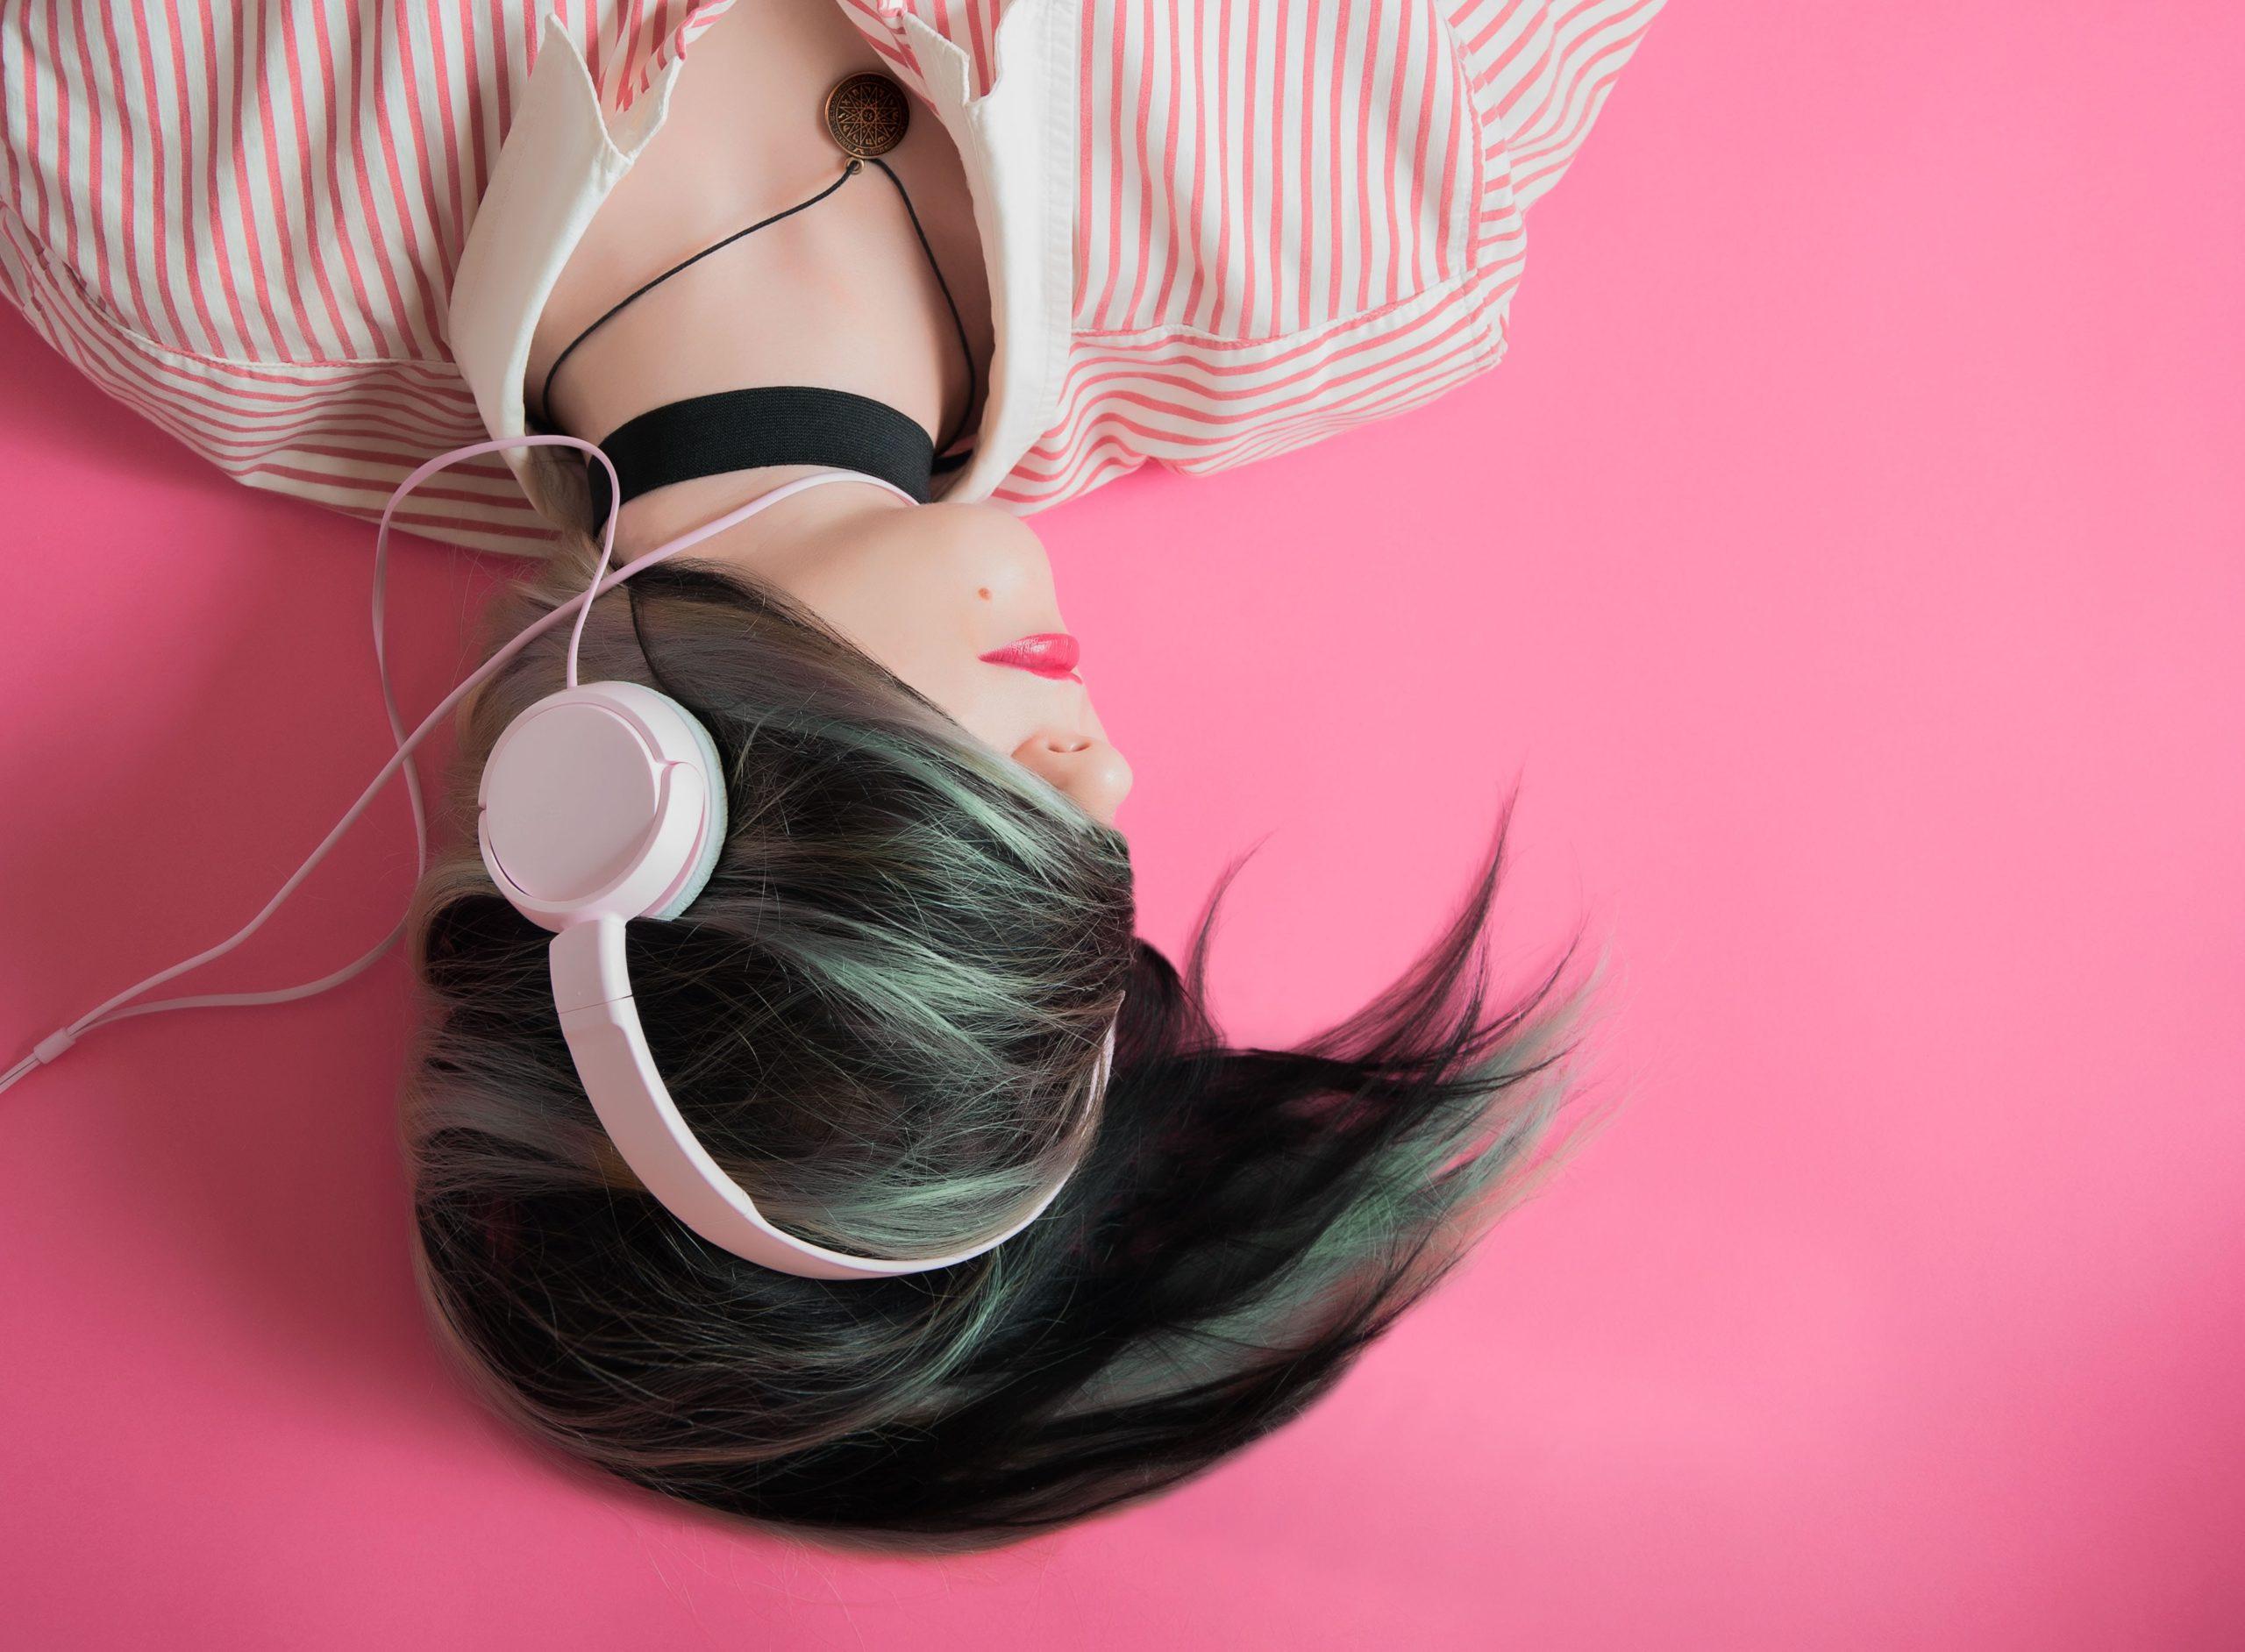 Nueva música actual que escucharás sin parar en 2020